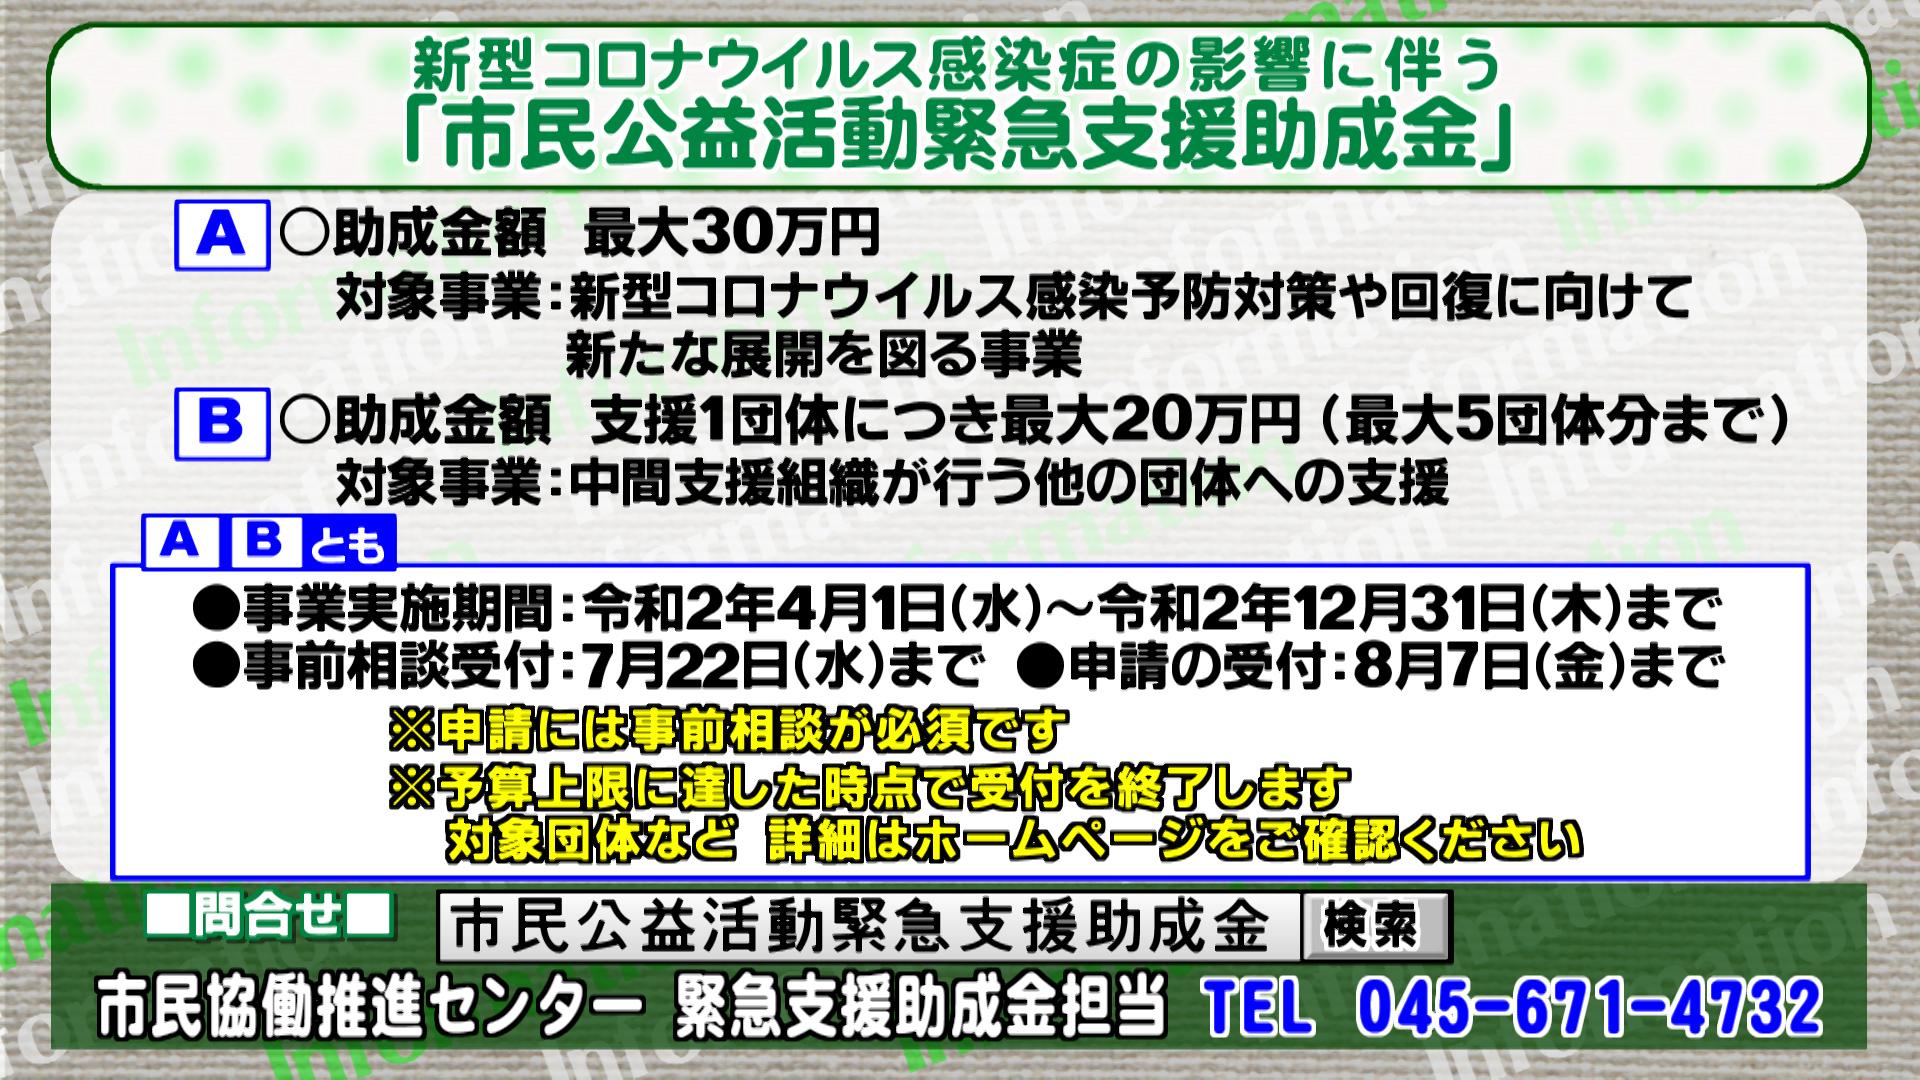 200718i1.jpg